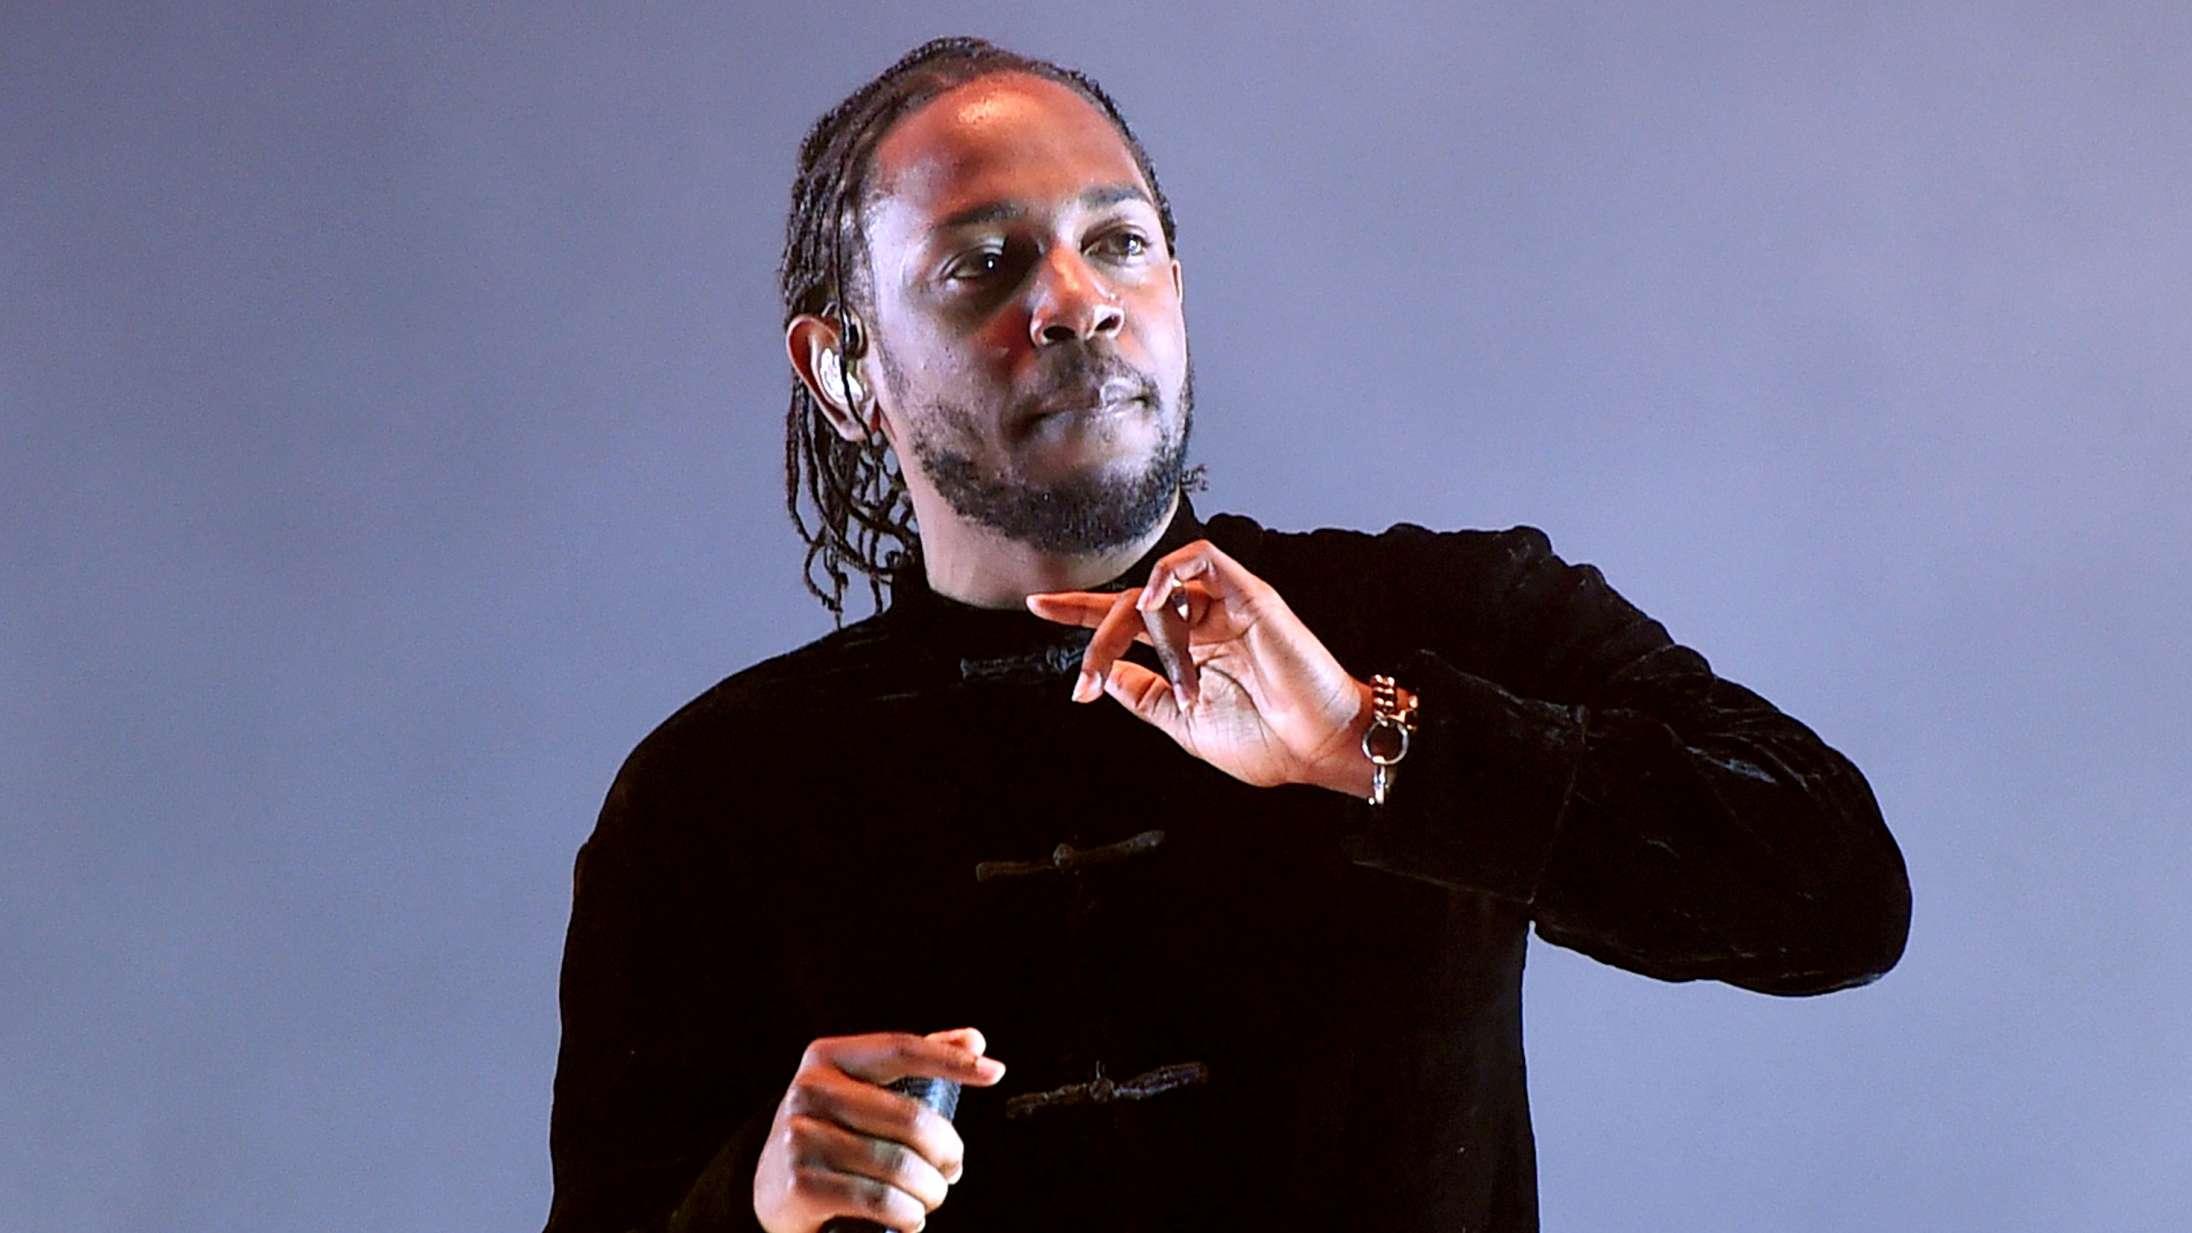 Kendrick Lamar giver albumupdate med kryptisk notat – og tager afsked med TDE